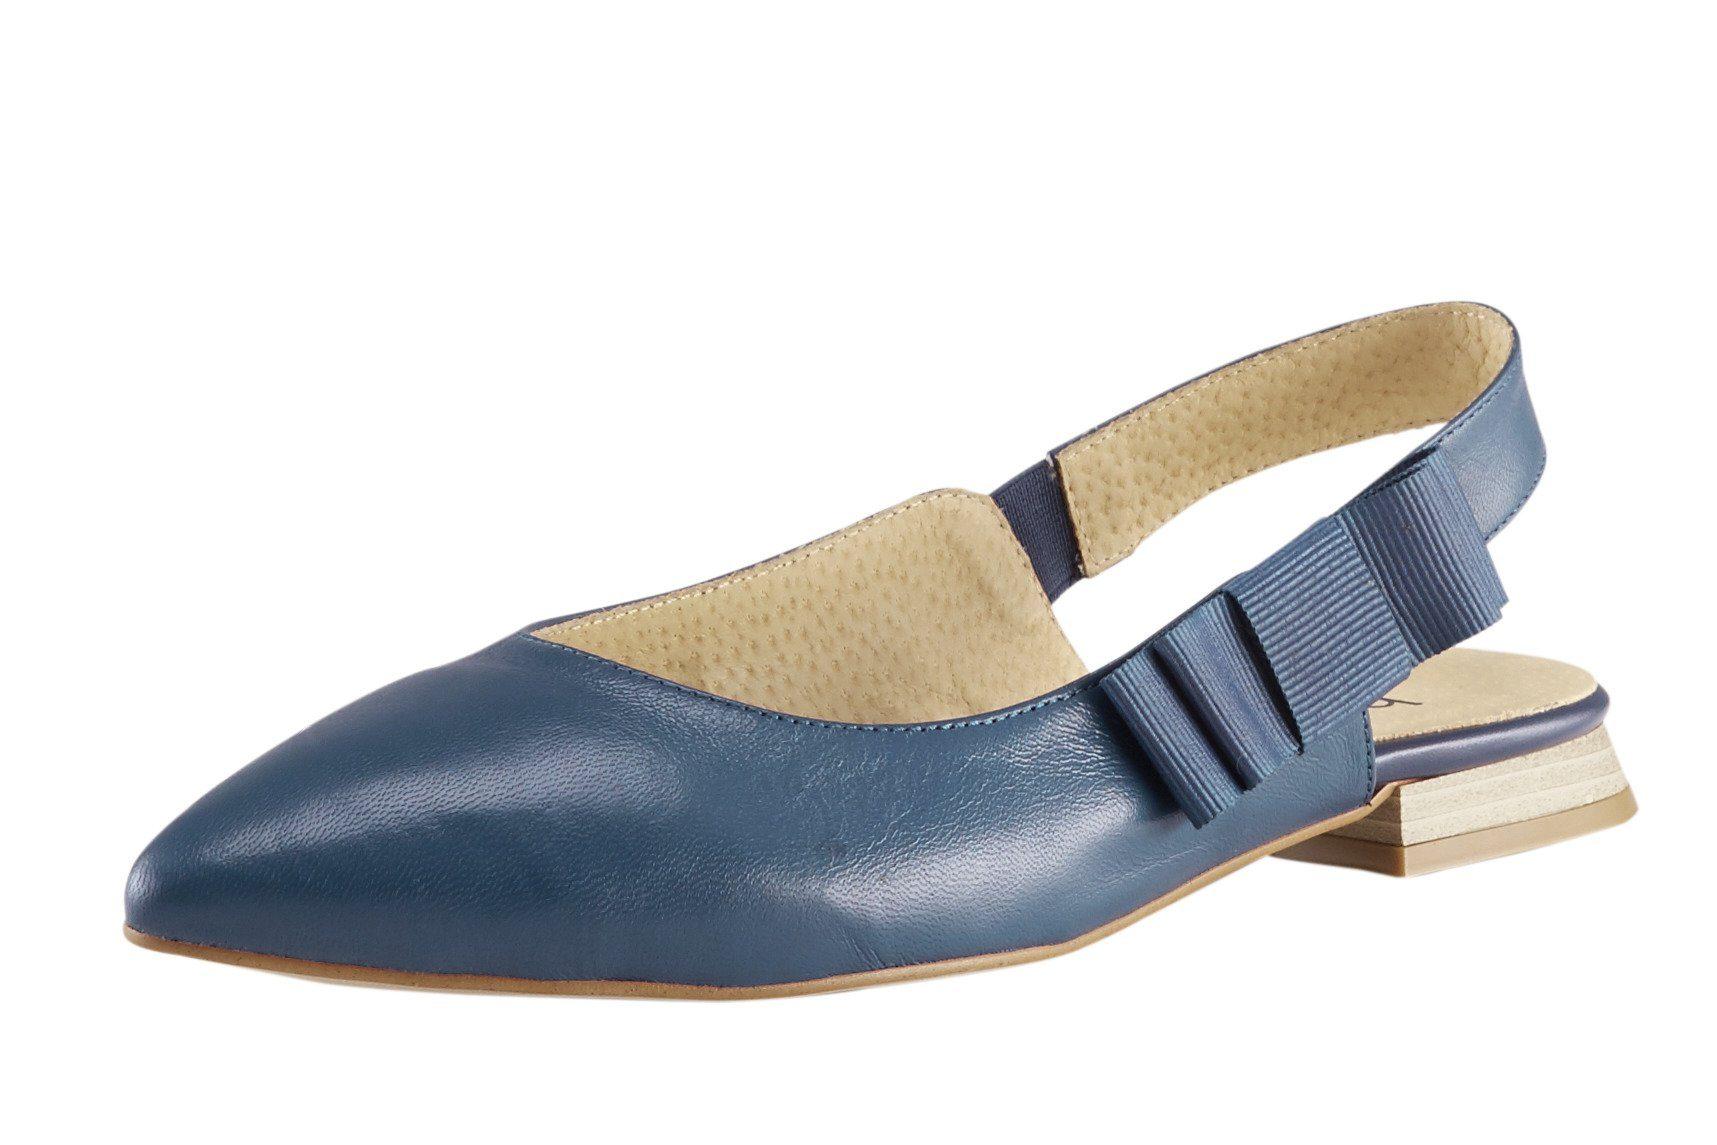 heine Slingballerina mit Zierschleife, Aus softem Ziegen Nappaleder online kaufen | OTTO